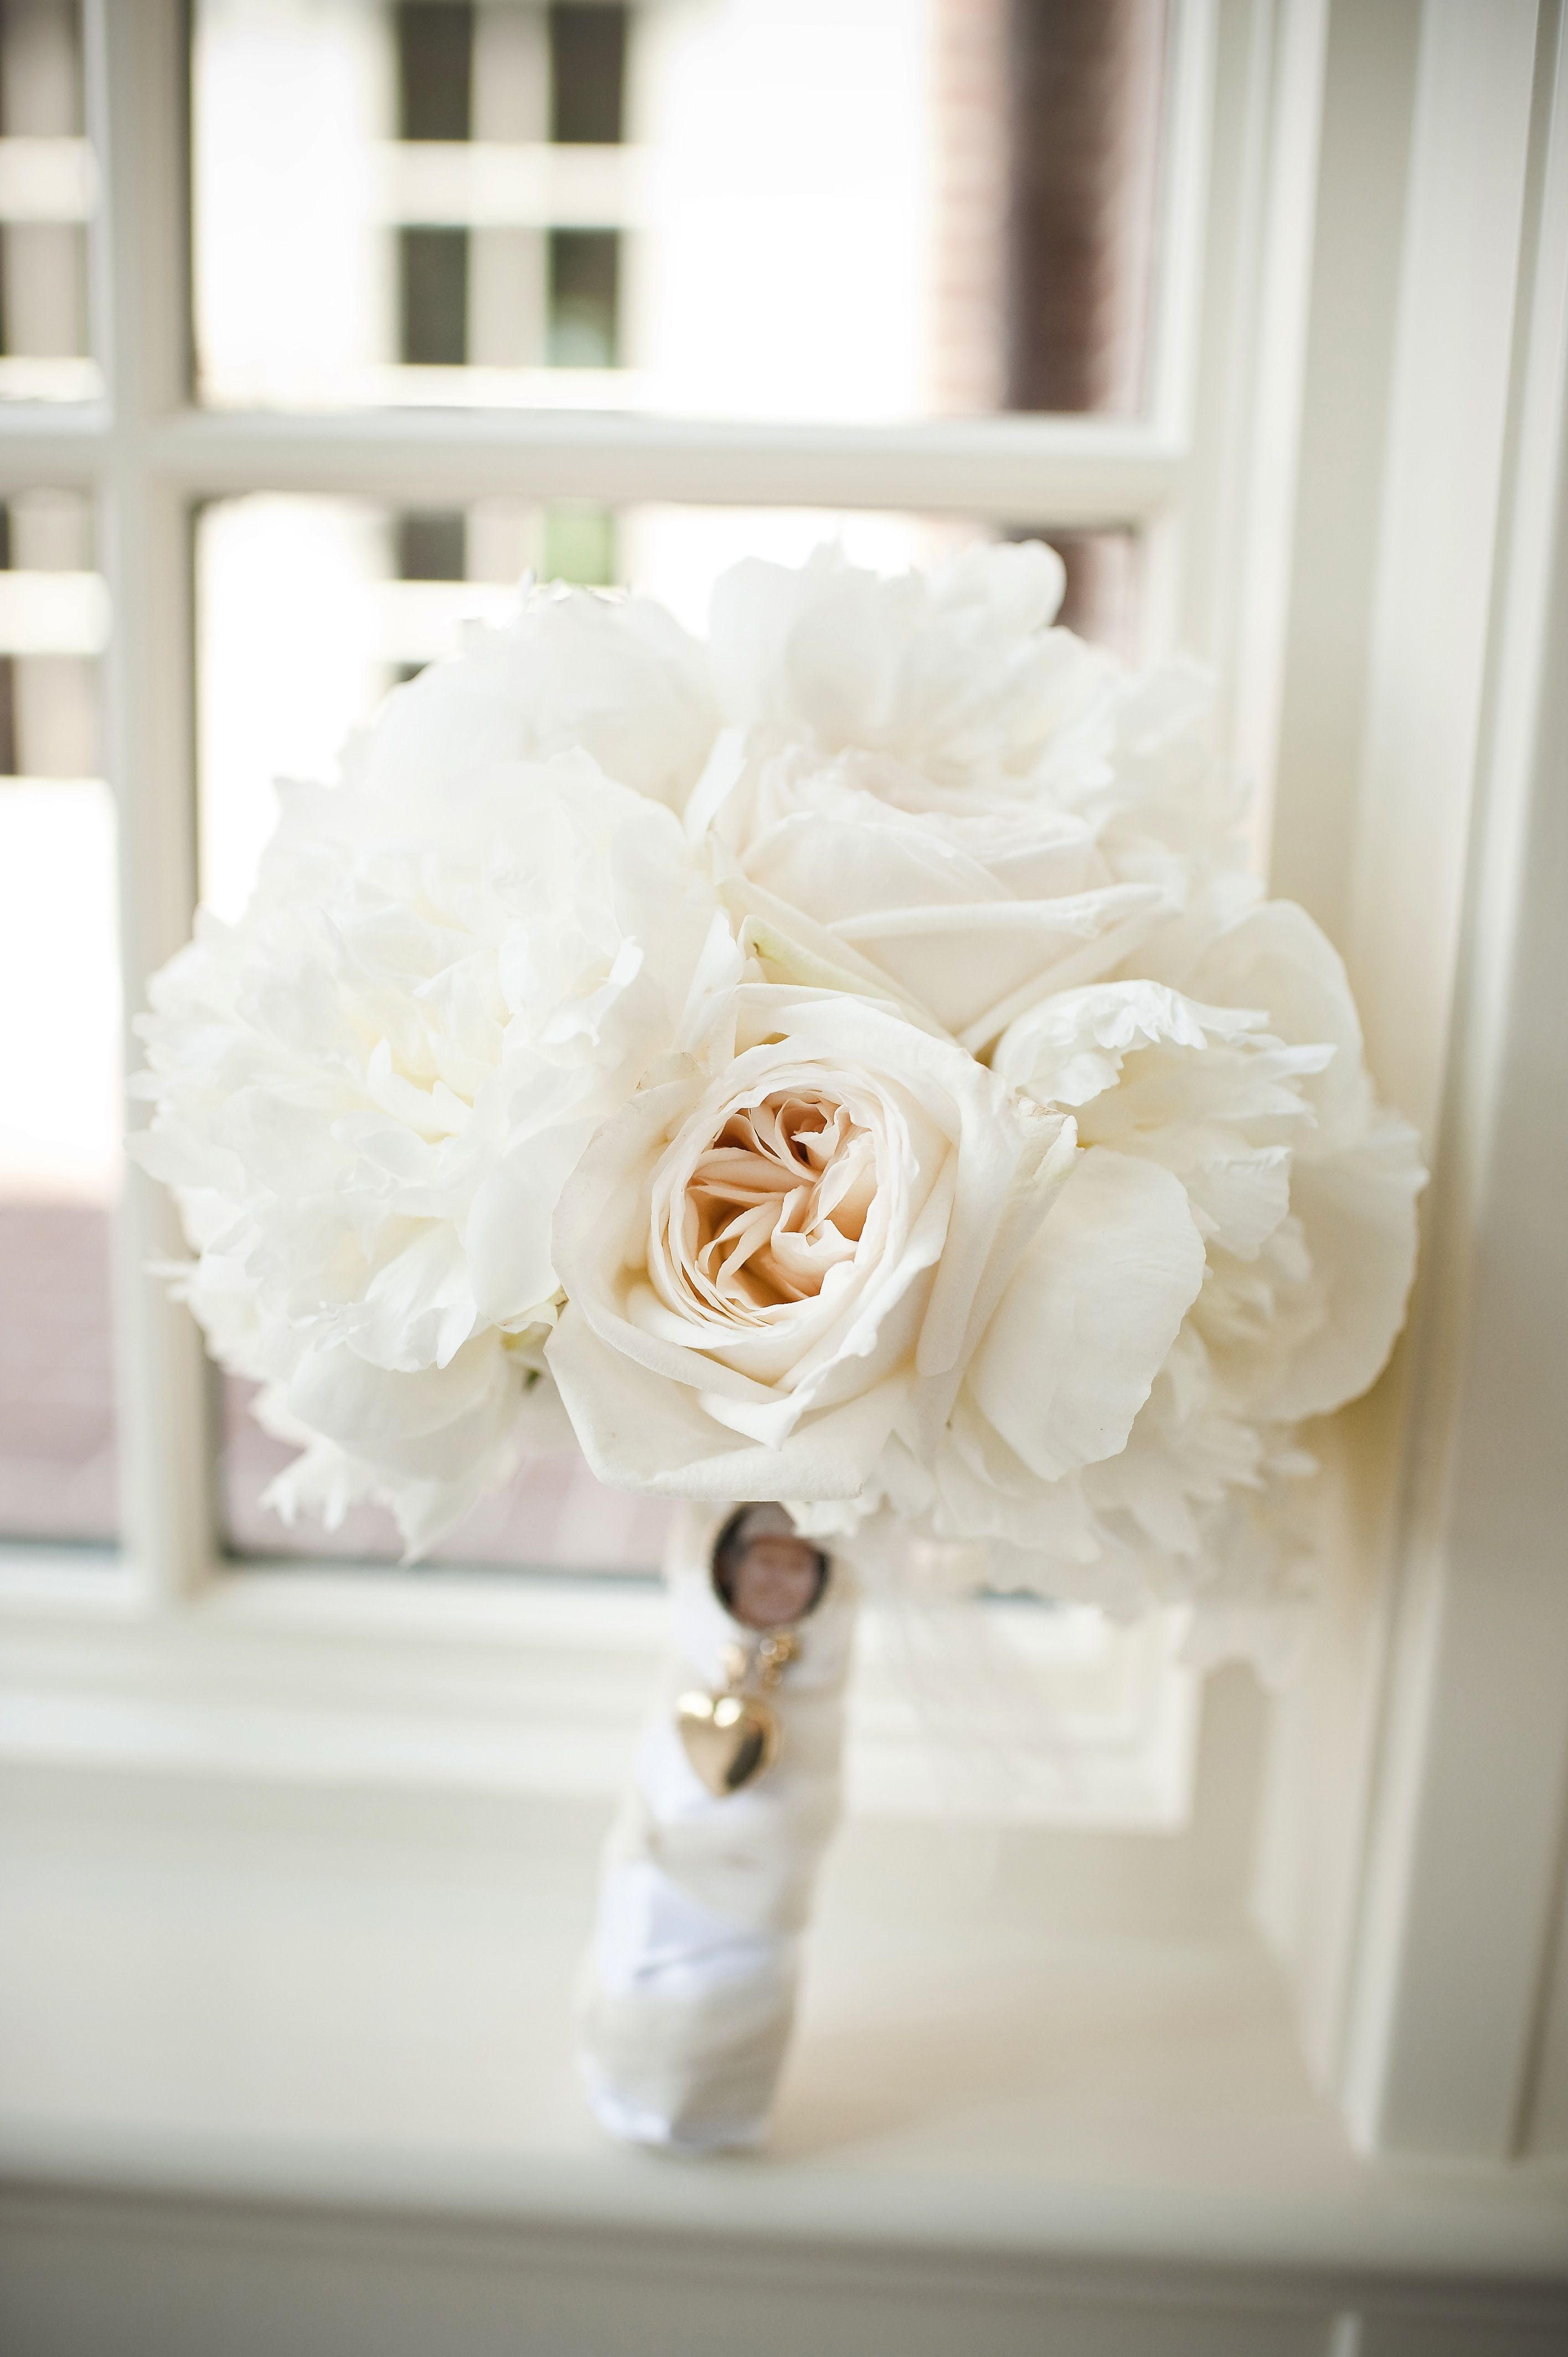 Bridal Bouquet By Lagniappe Designs Carole Sullivan Birmingham Al